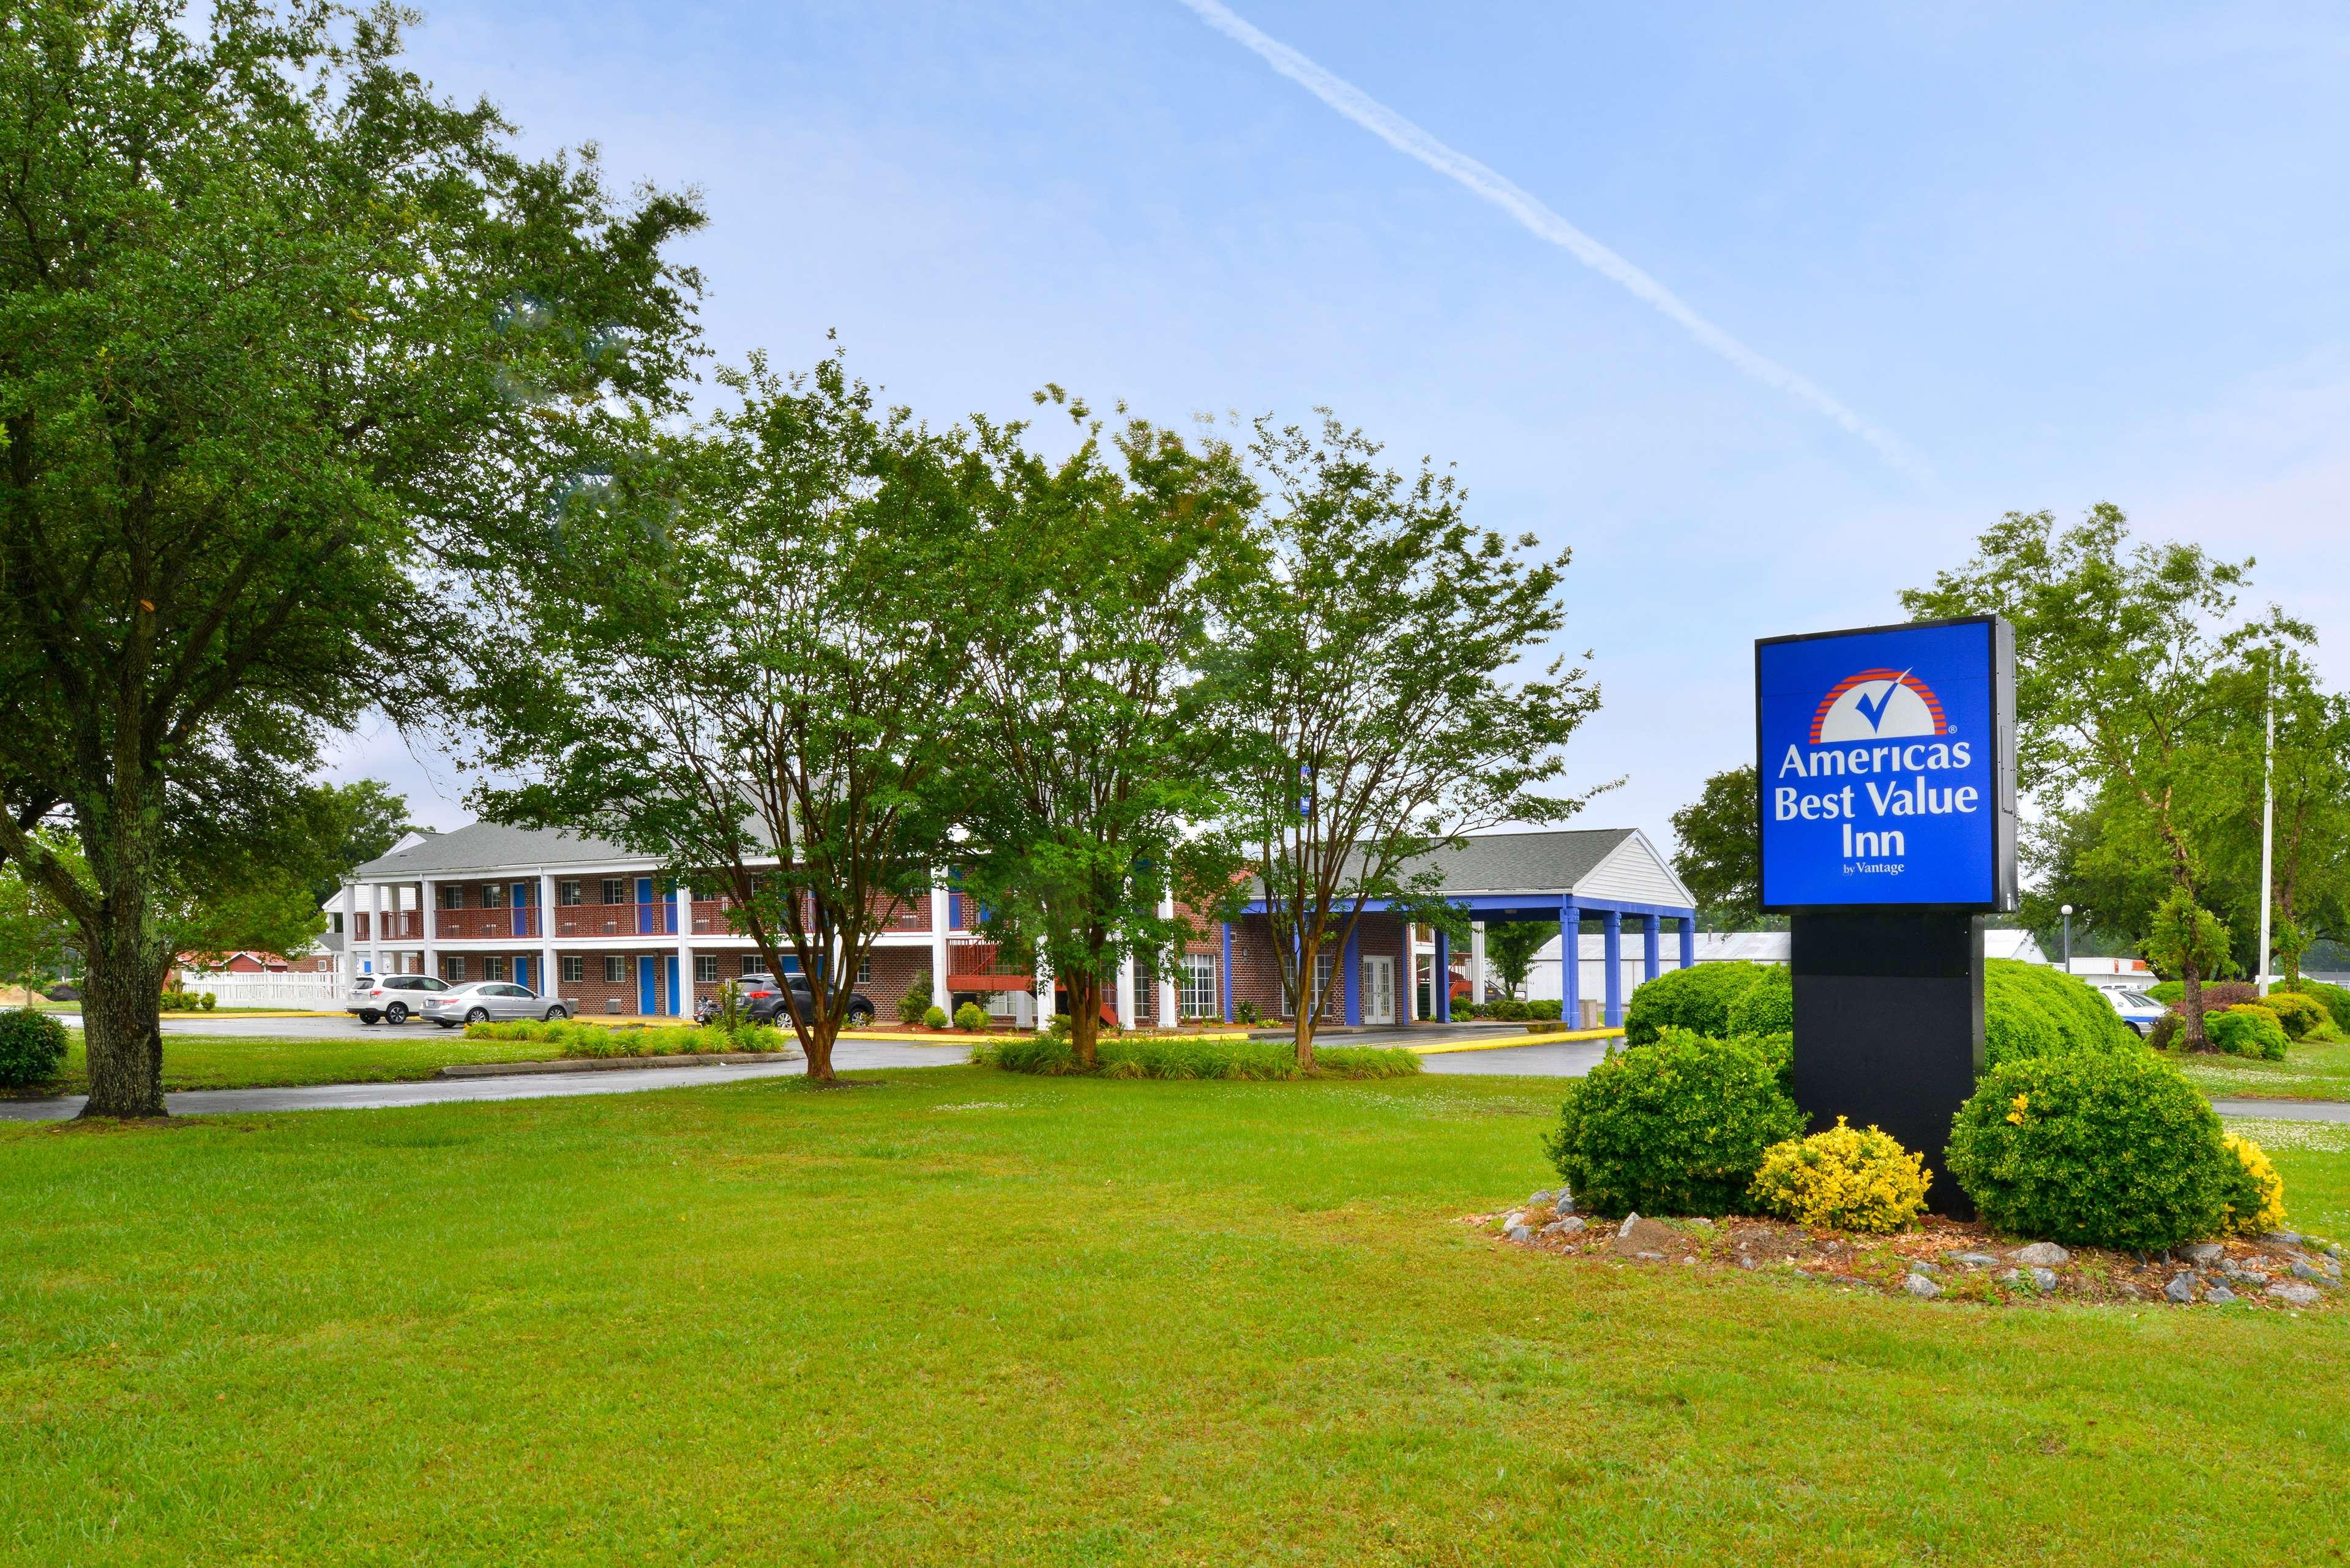 Americas Best Value Inn Edenton image 1